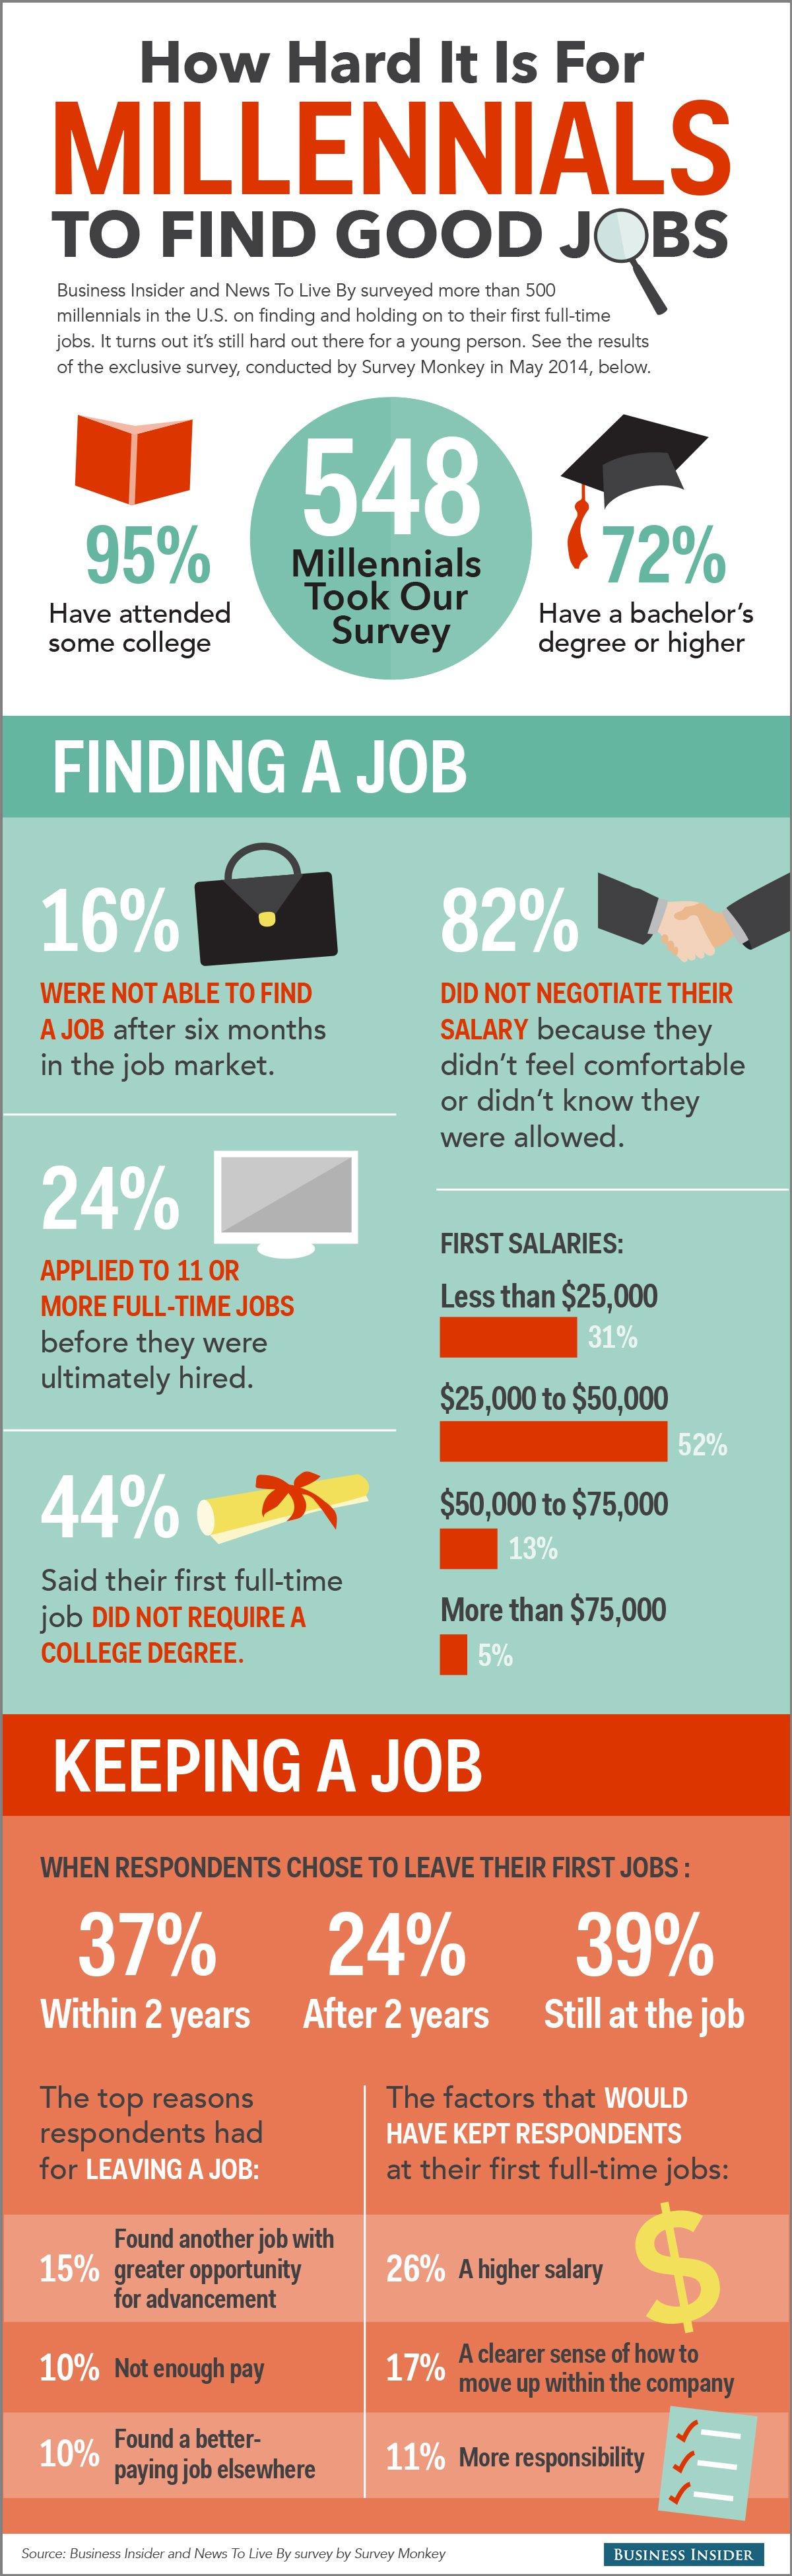 BI_MillennialJobs_infographic_final